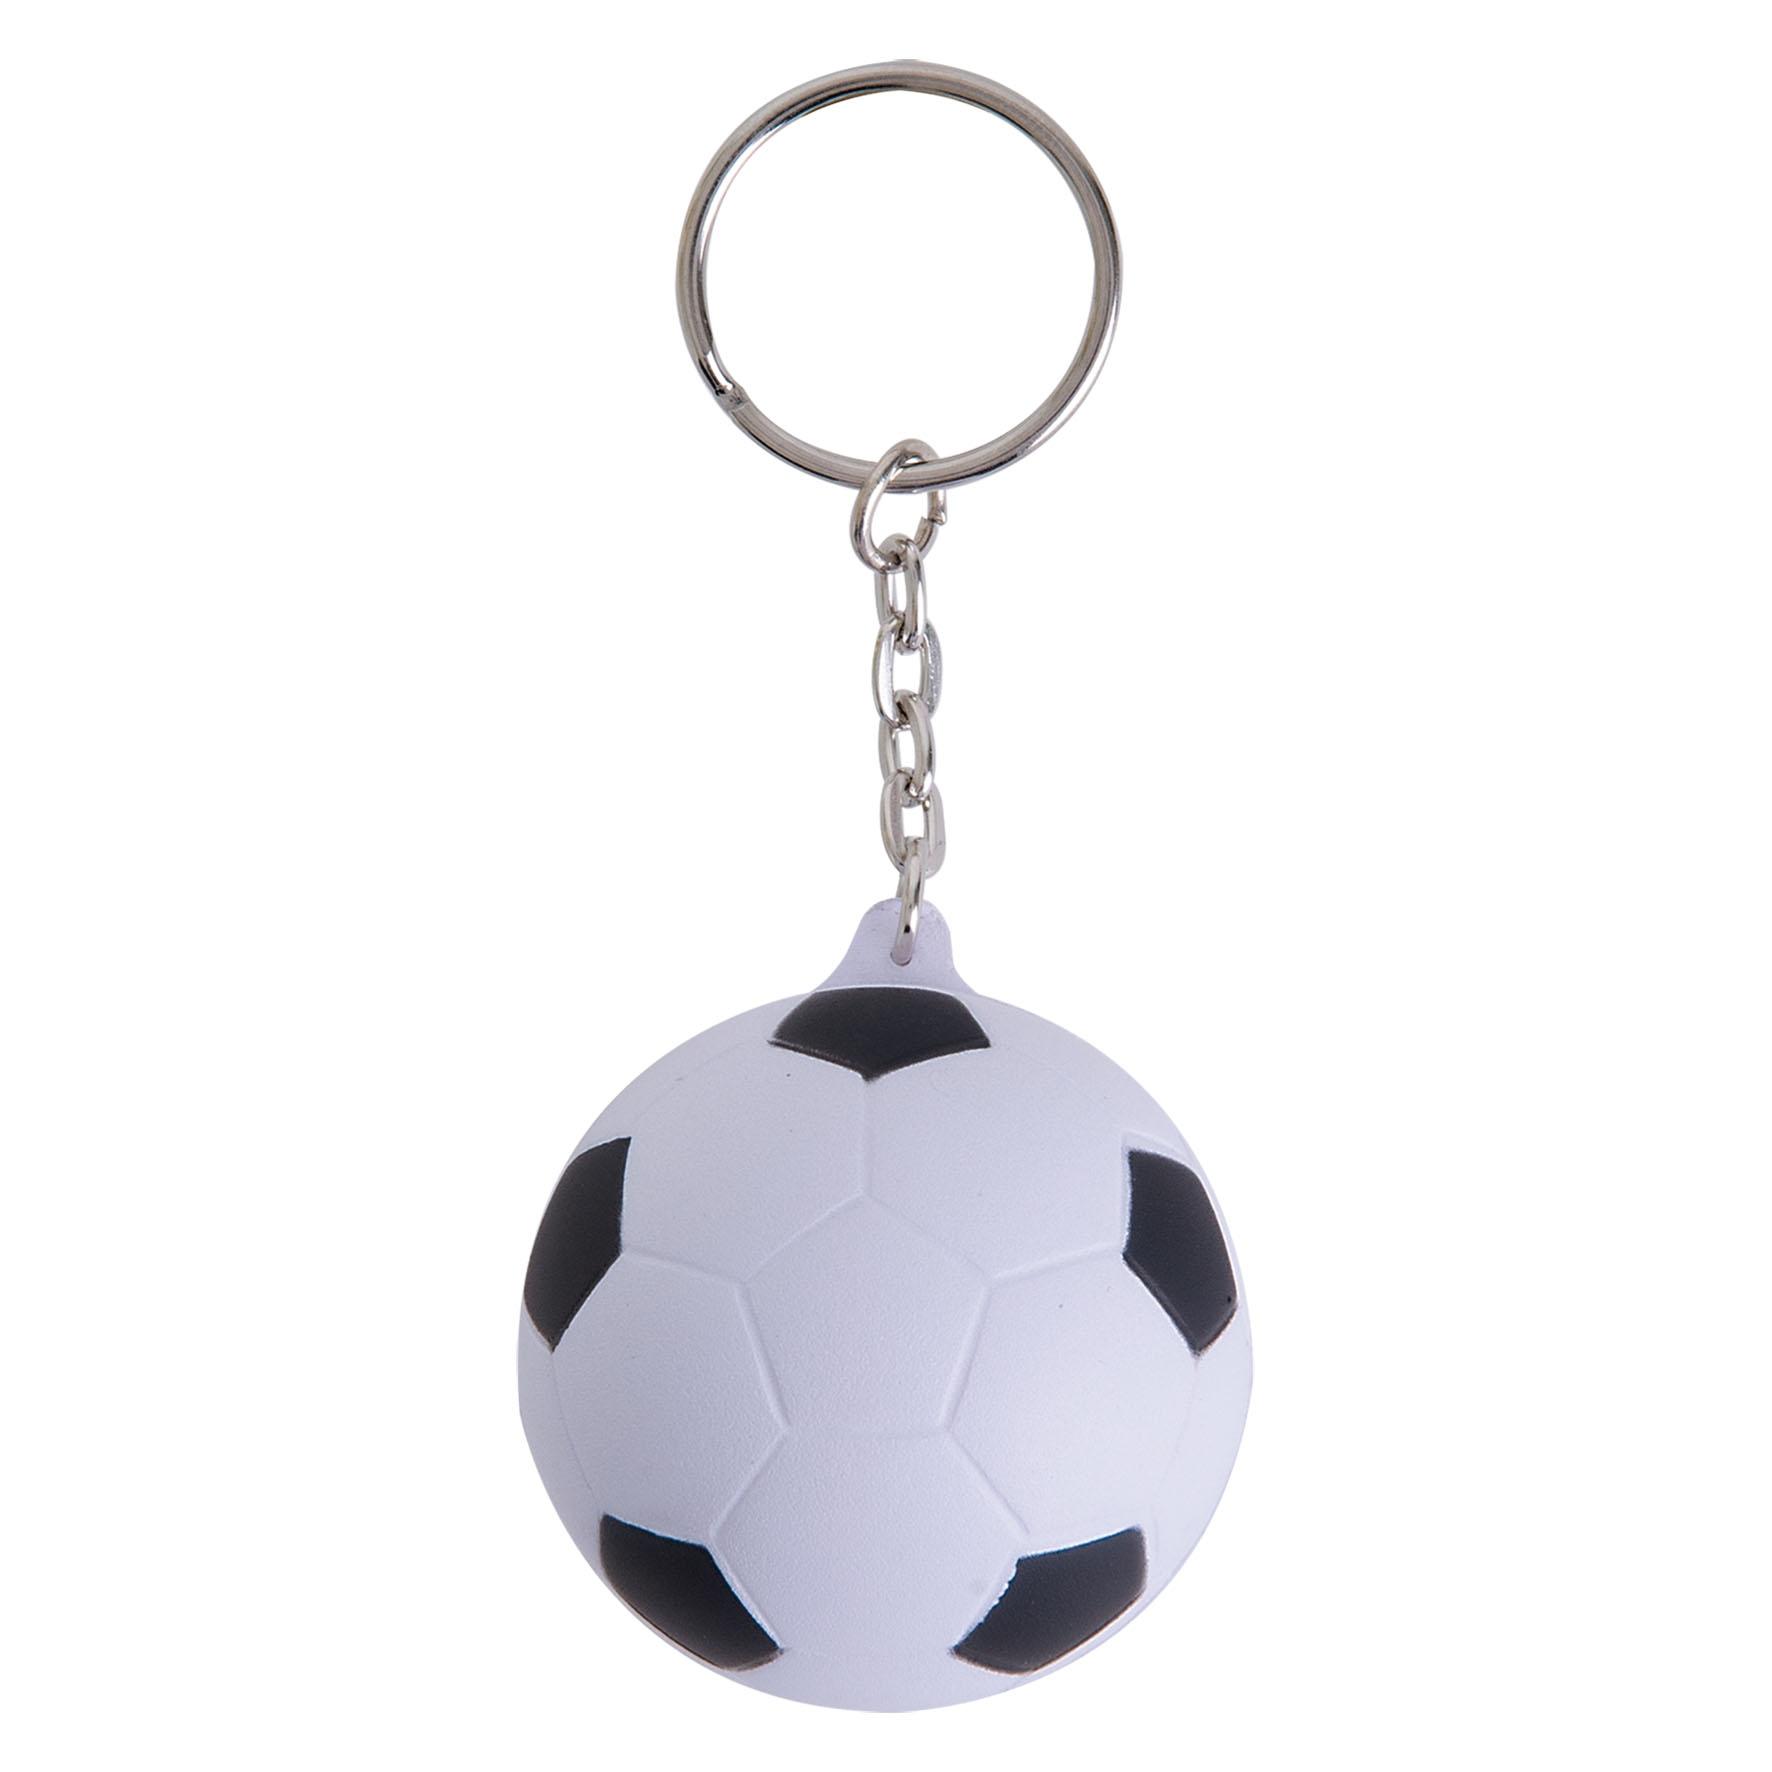 Goodies - Porte-clés publicitaire Football